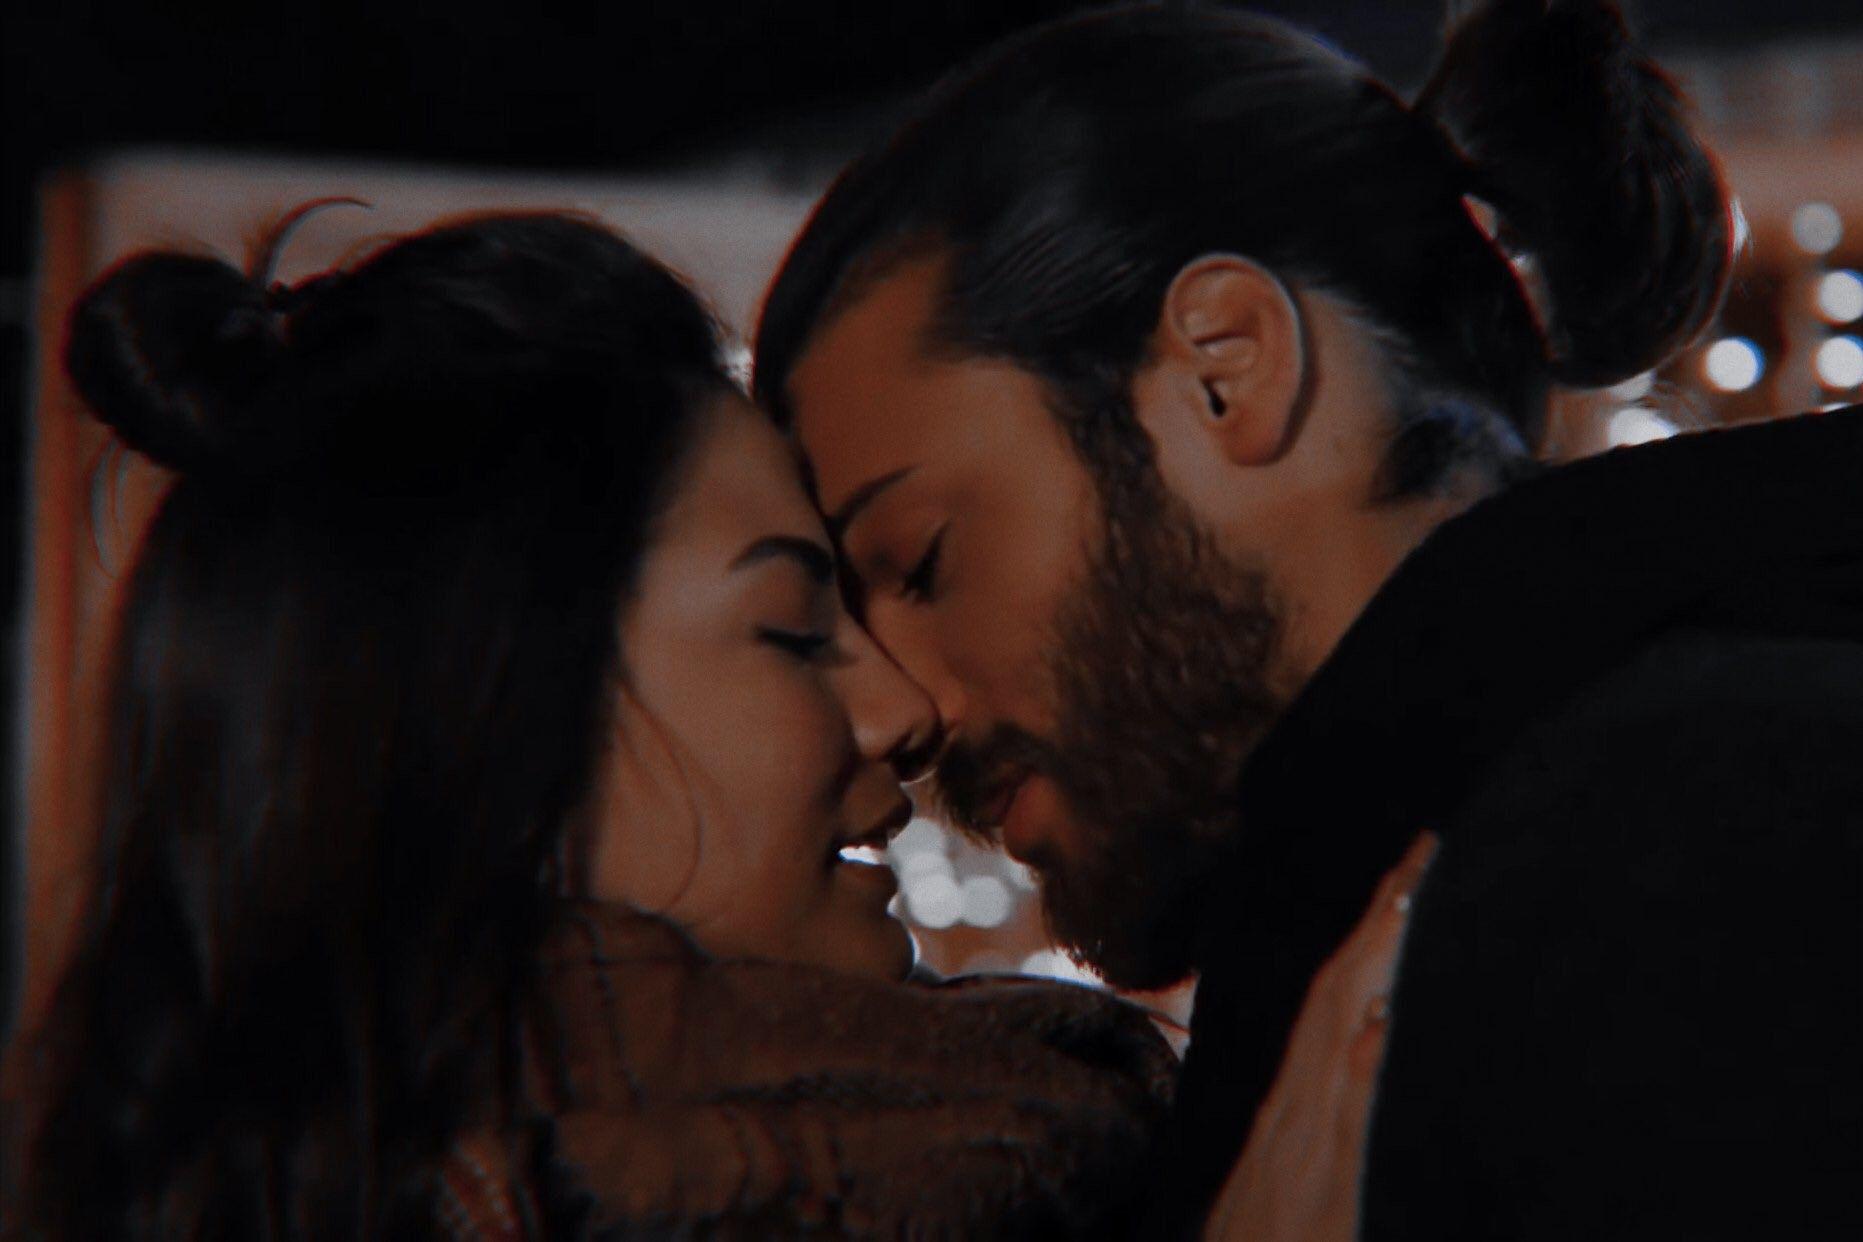 Pin By 𝙻 𝚎 𝚎 On Erkenci Kus Romantic Drama Turkish Men Sanem